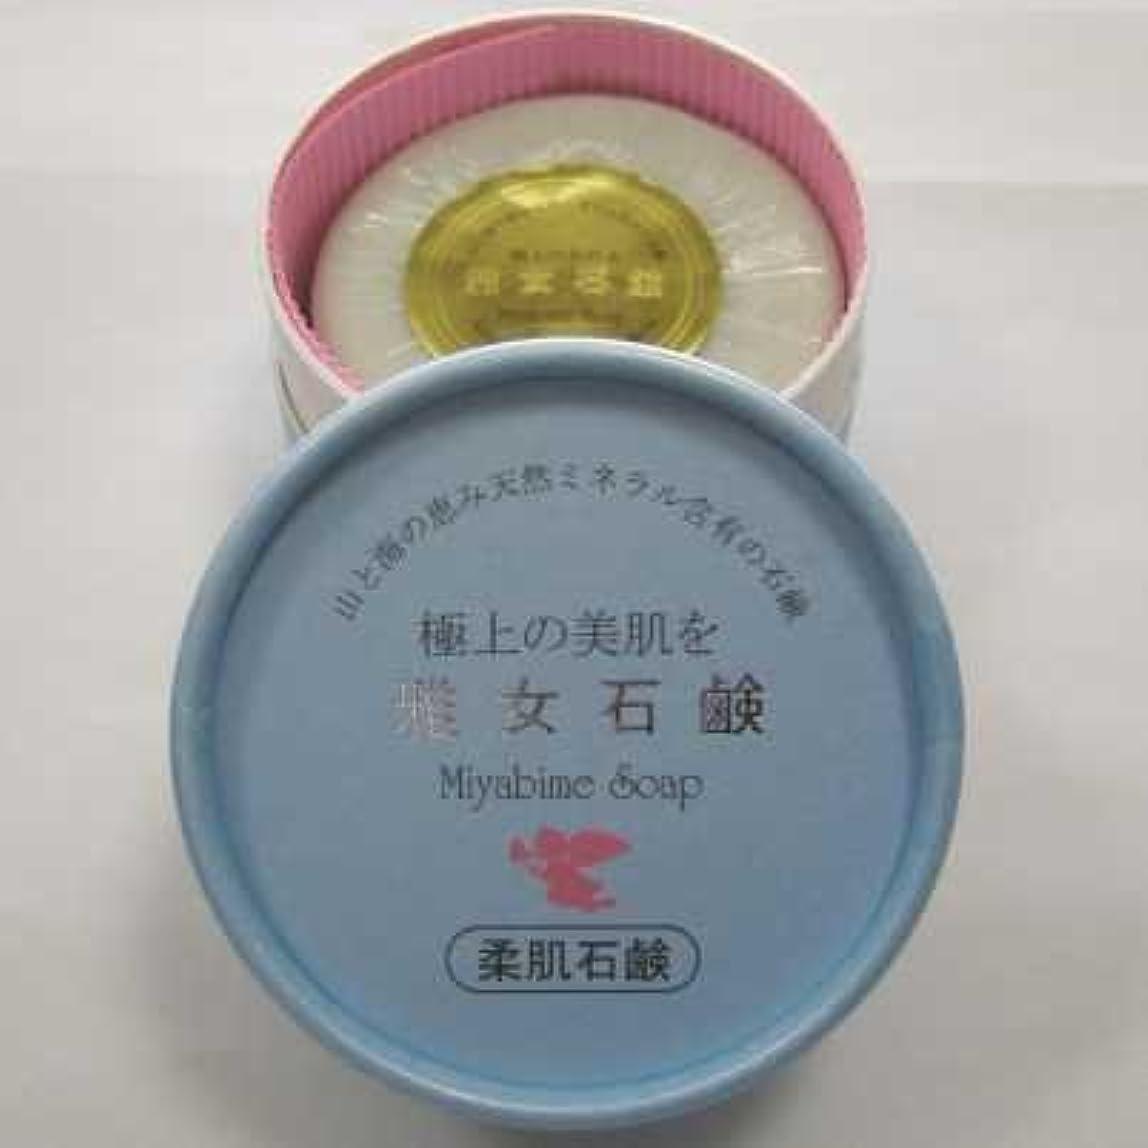 説得力のある条件付き階下雅女石鹸(Miyabime Soap)